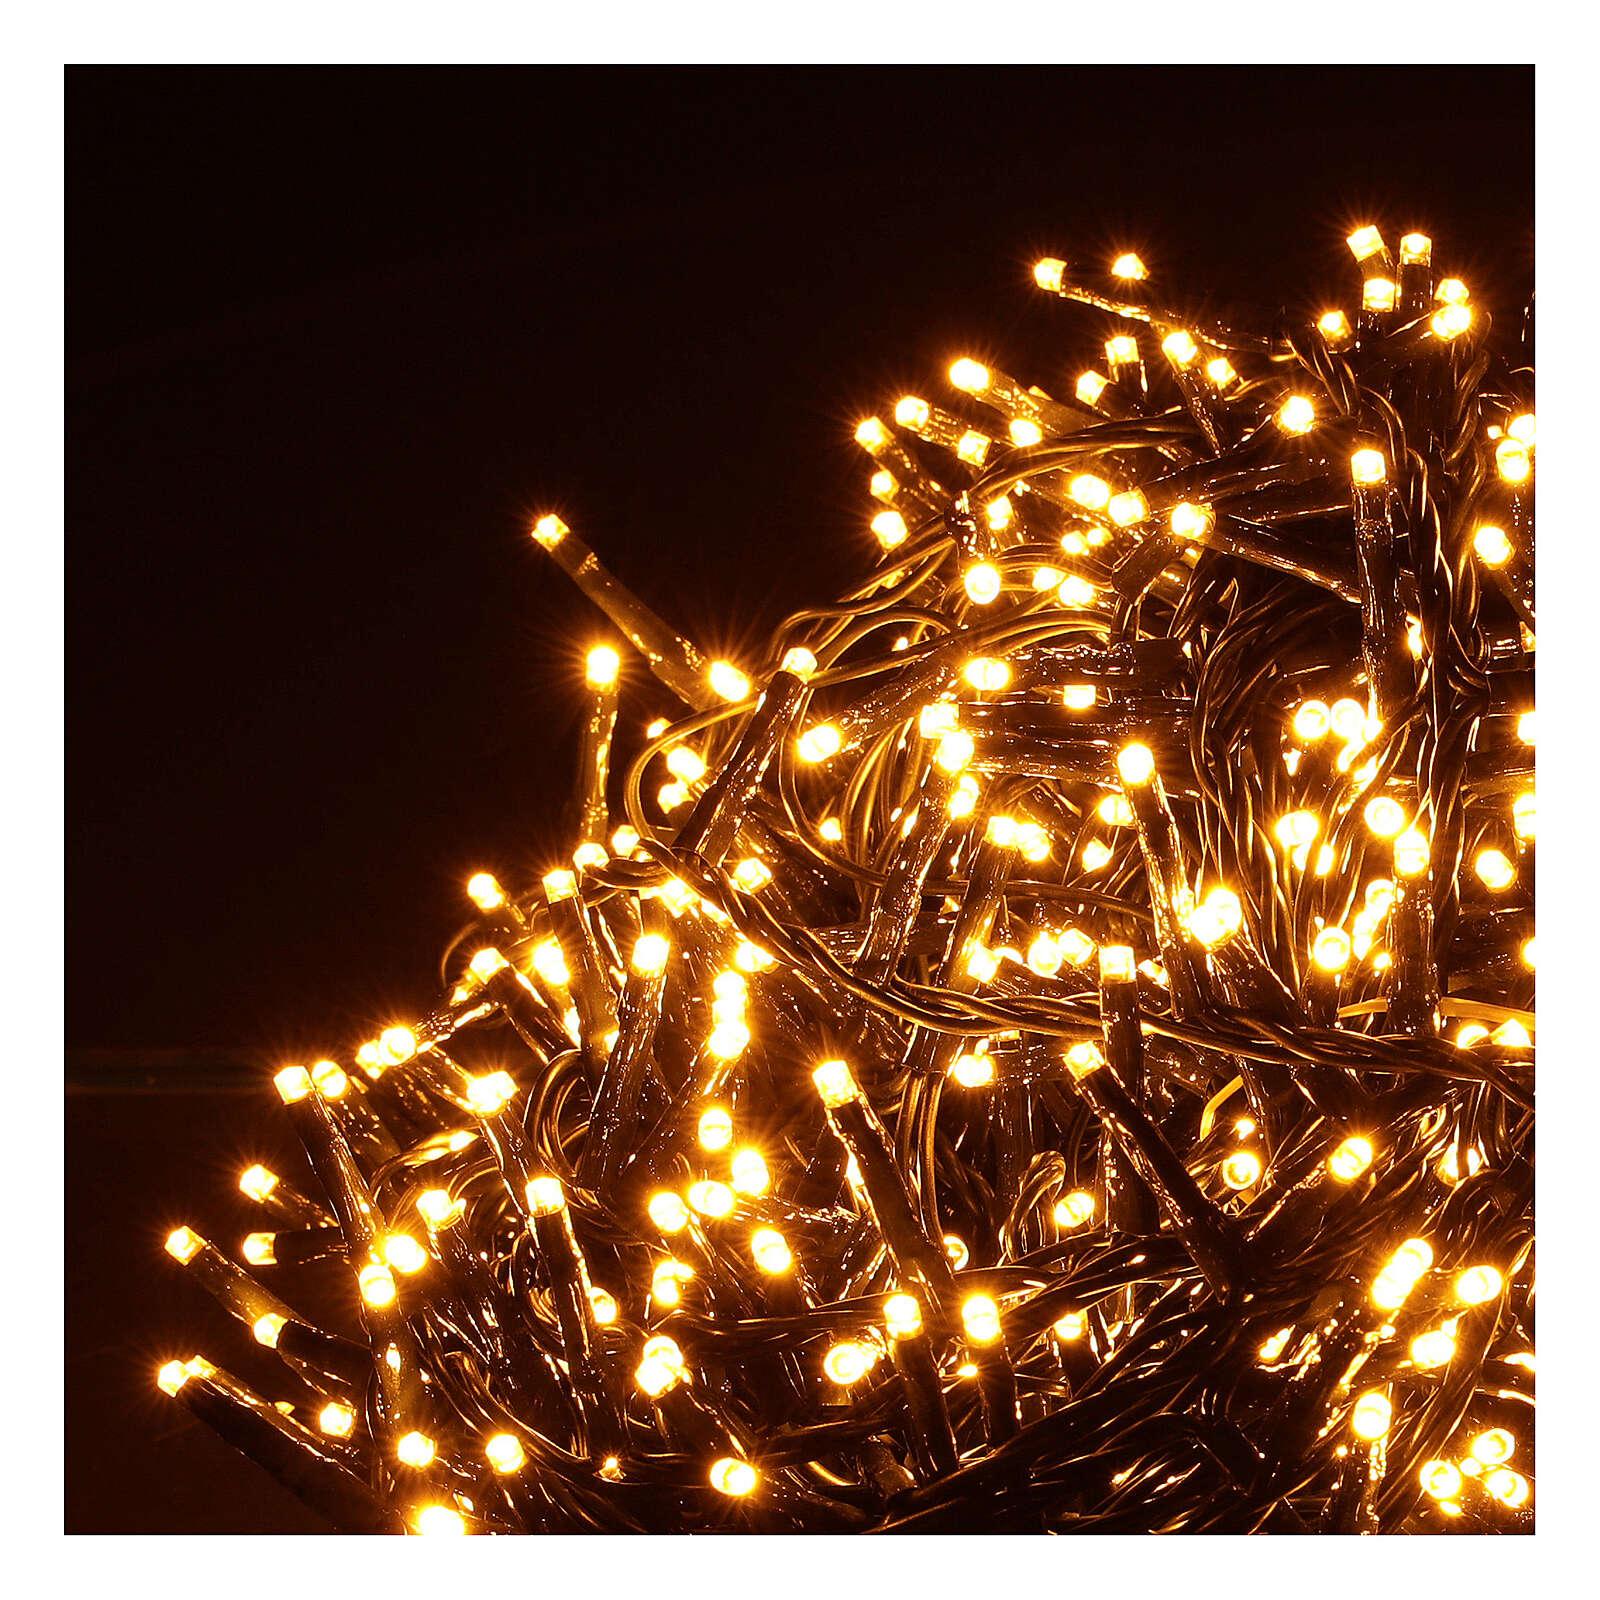 Cadena luminosa 1000 led blanco cálido ambarino exterior 220V 3